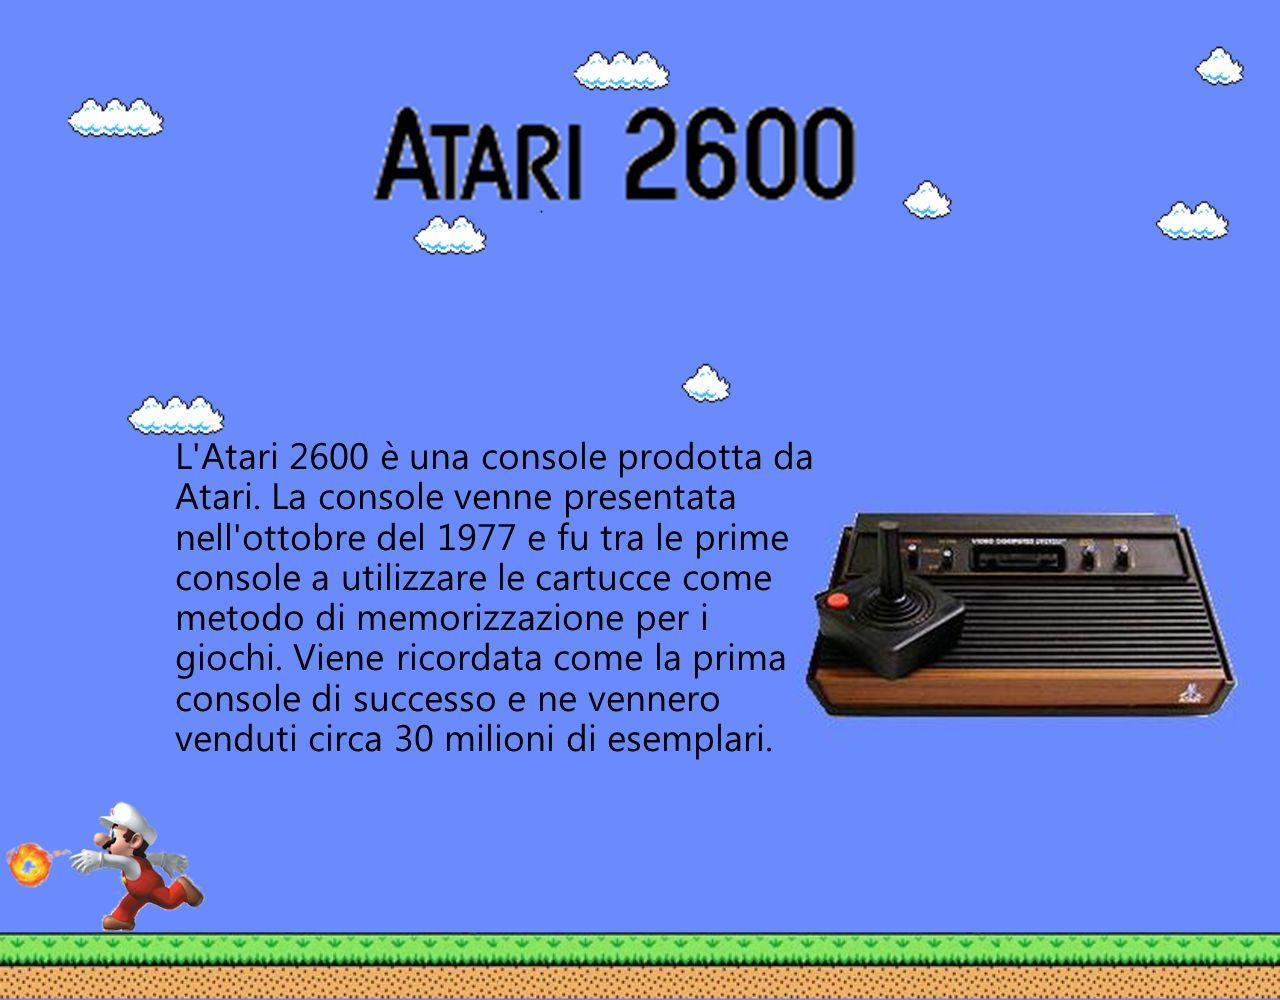 L'Atari 2600 è una console prodotta da Atari. La console venne presentata nell'ottobre del 1977 e fu tra le prime console a utilizzare le cartucce com